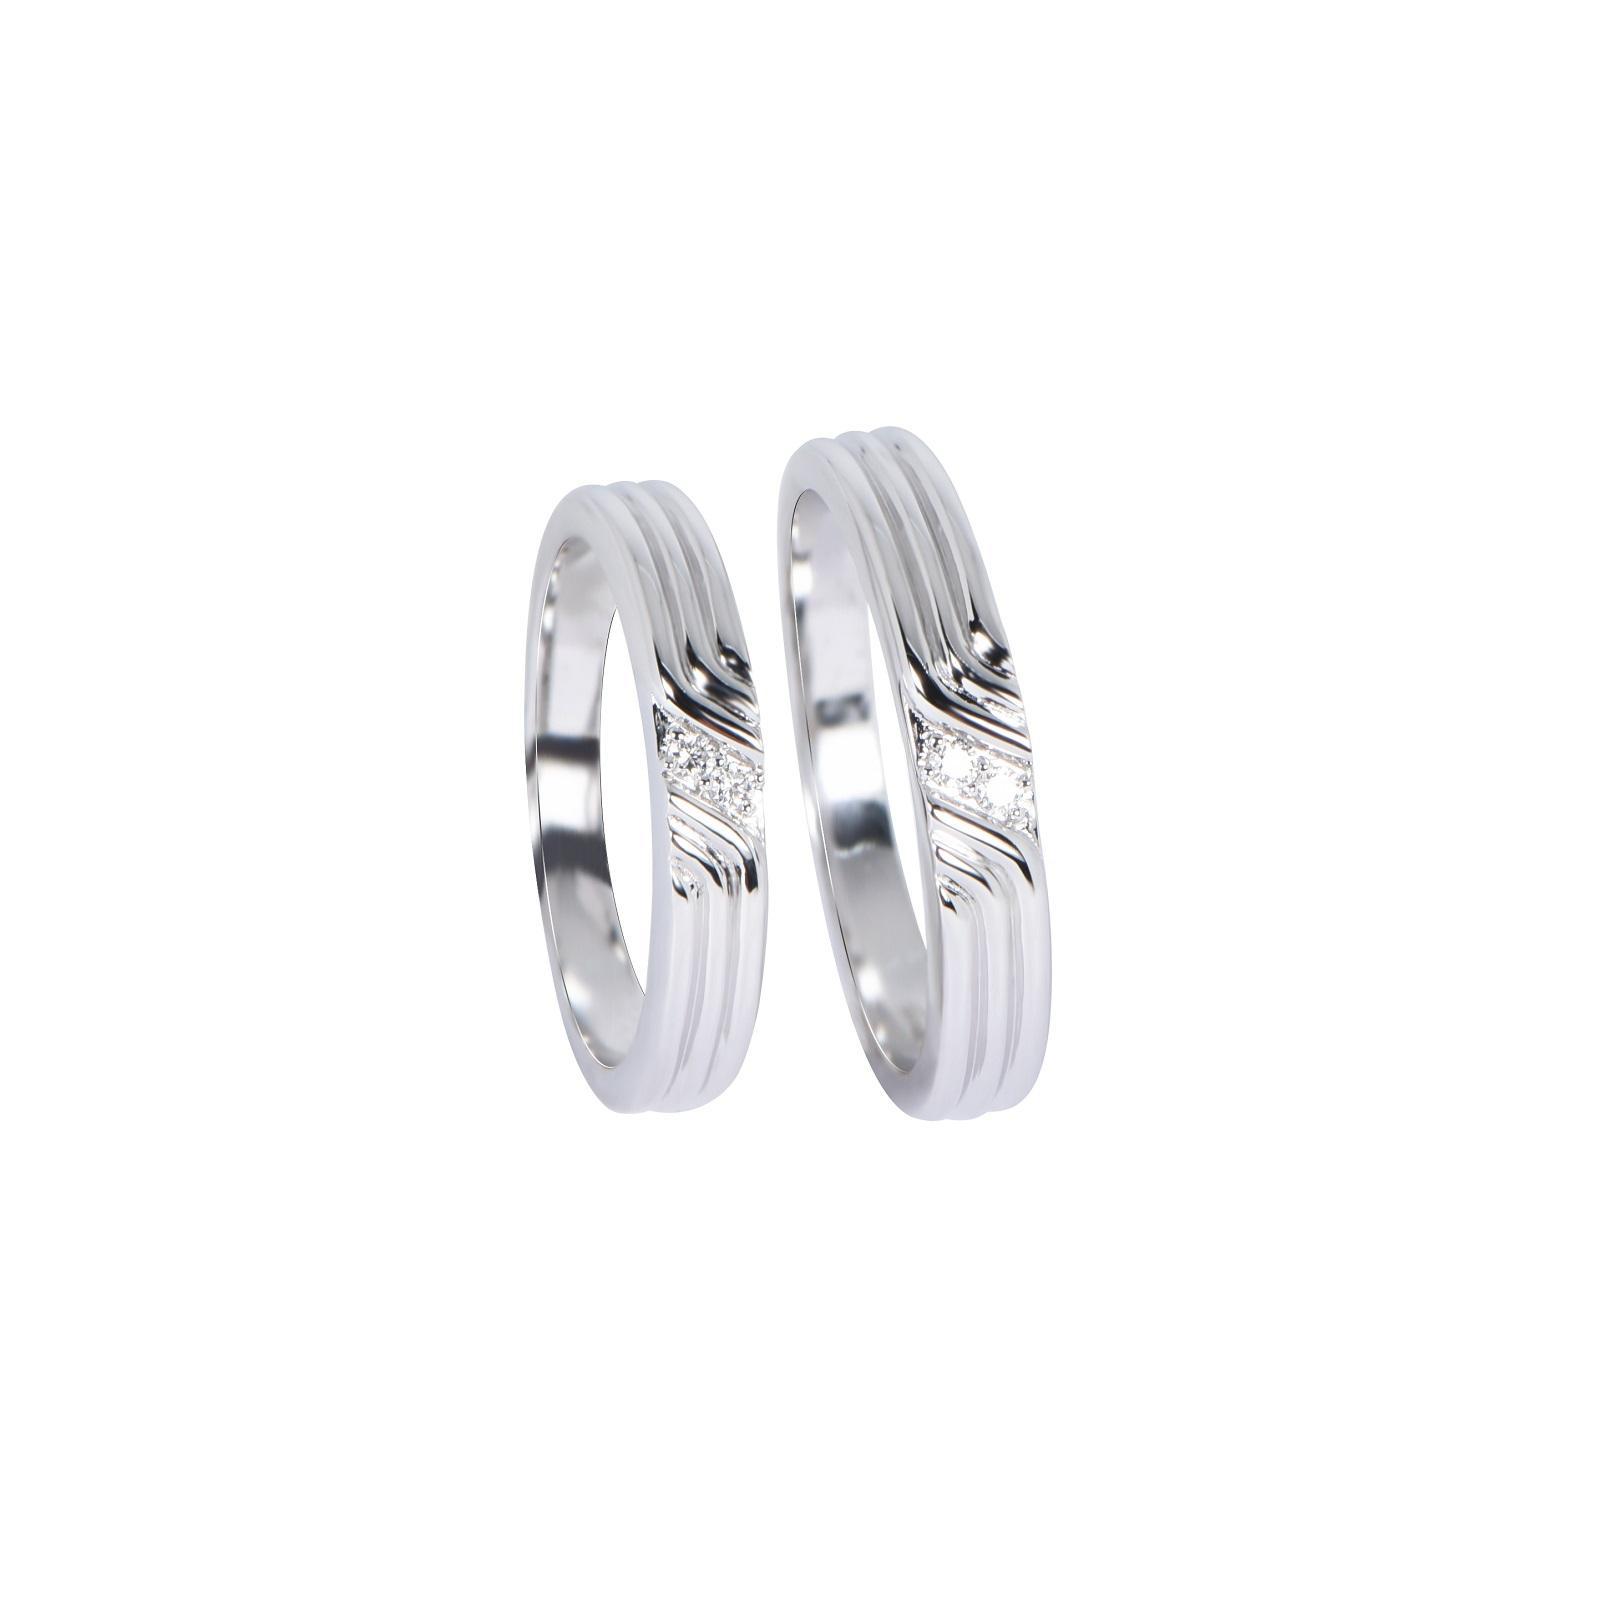 Nhẫn cưới Kim cương nữ 20QR018.2TI